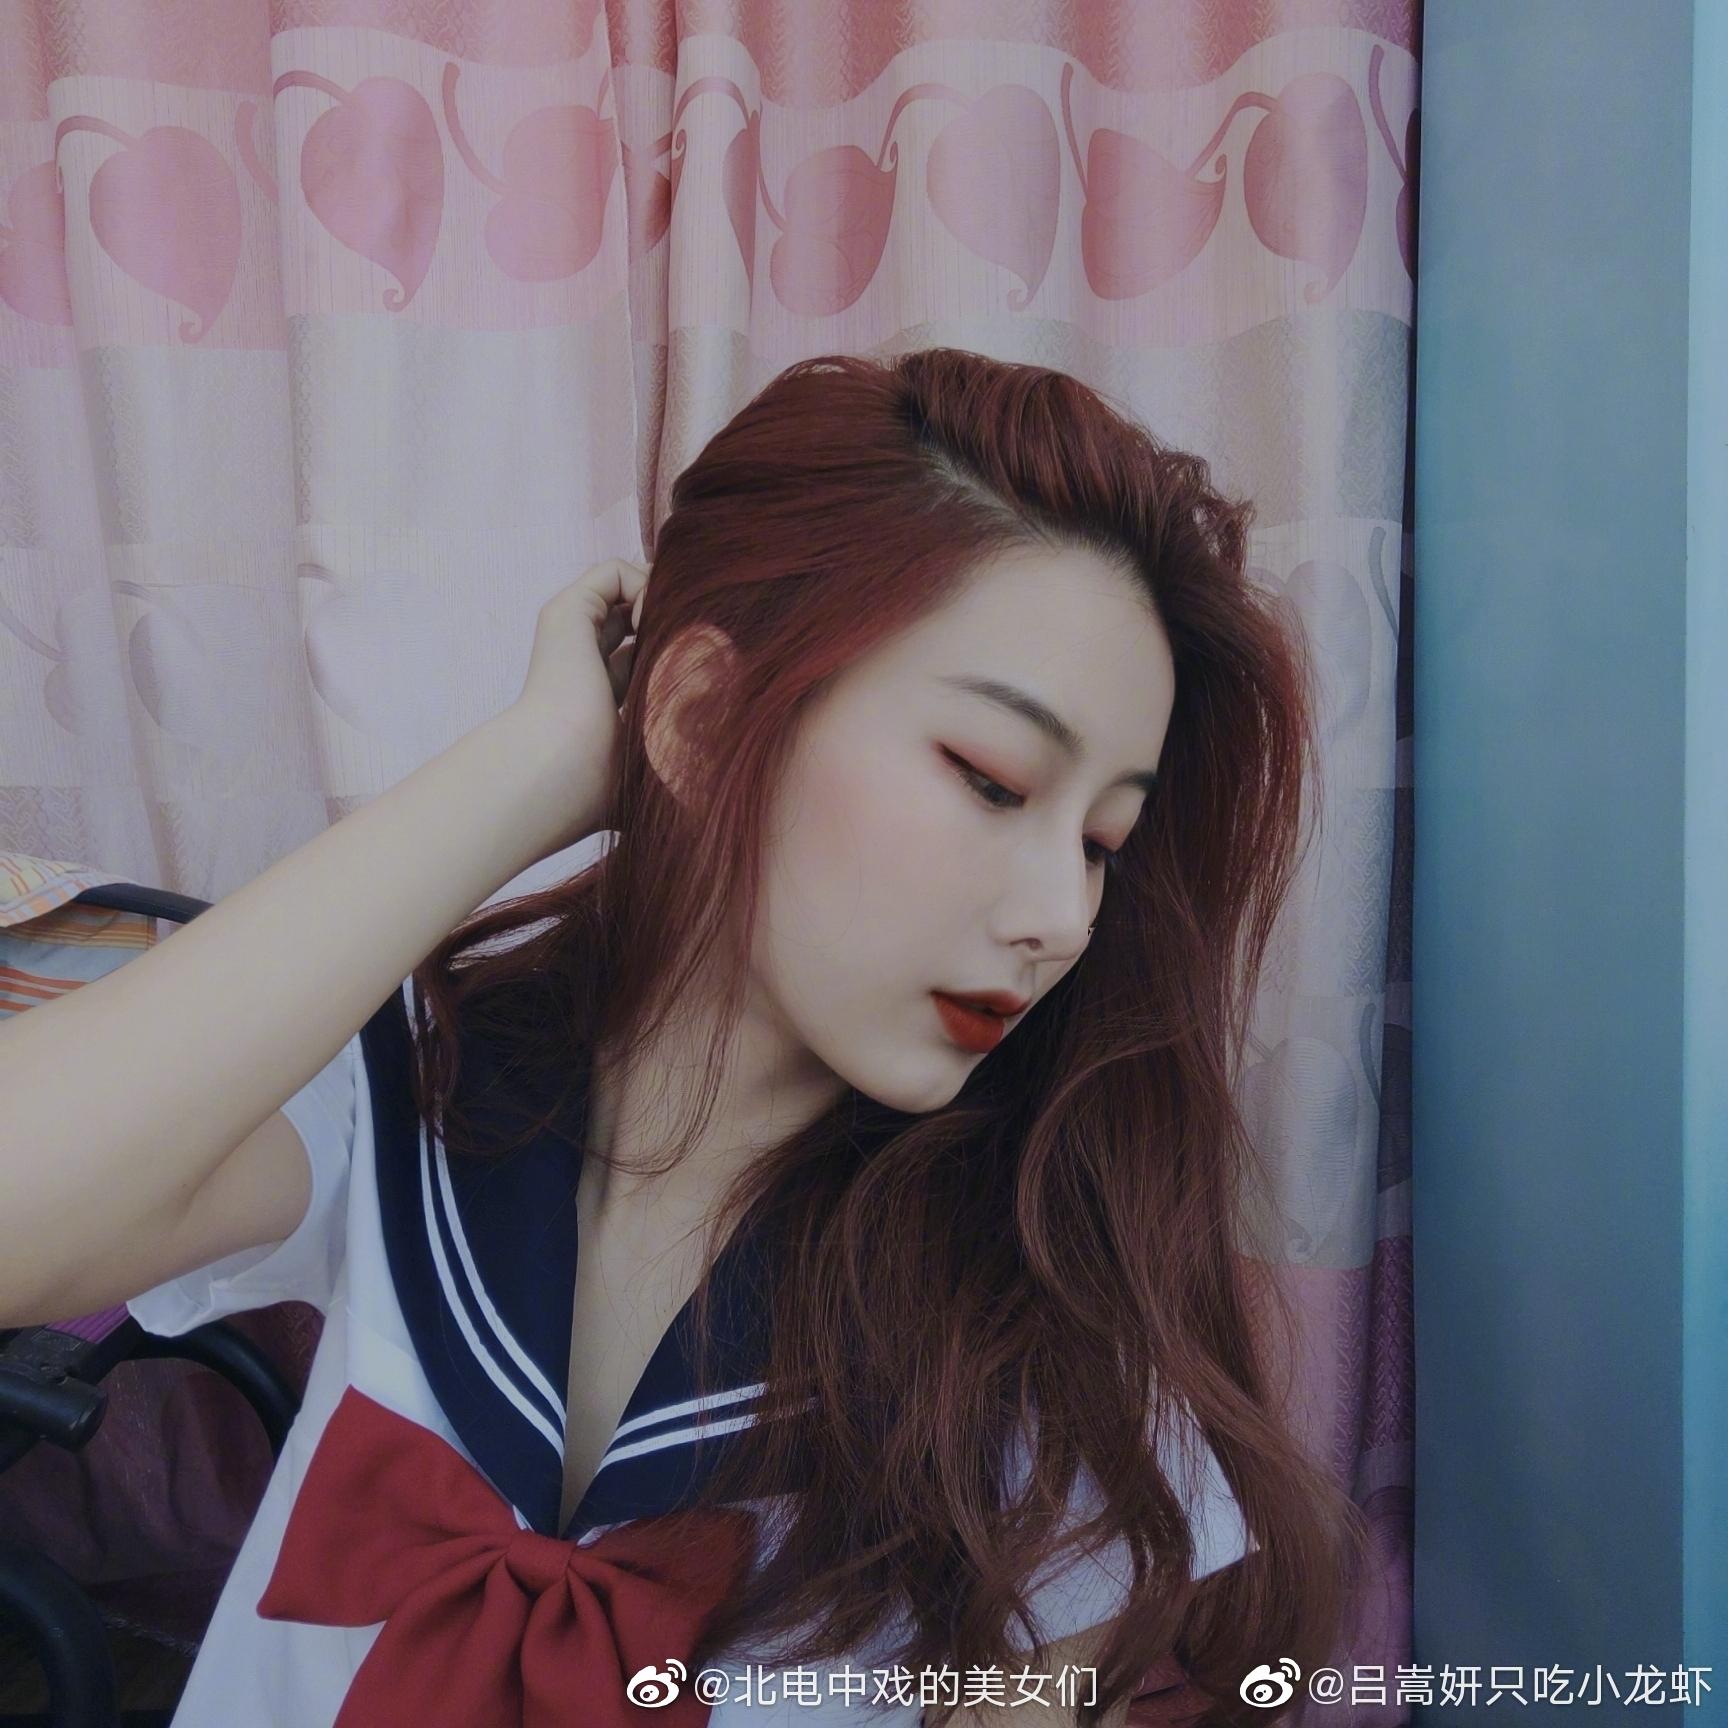 中国传媒大学2019级播音主持专业本科。来自黑龙江